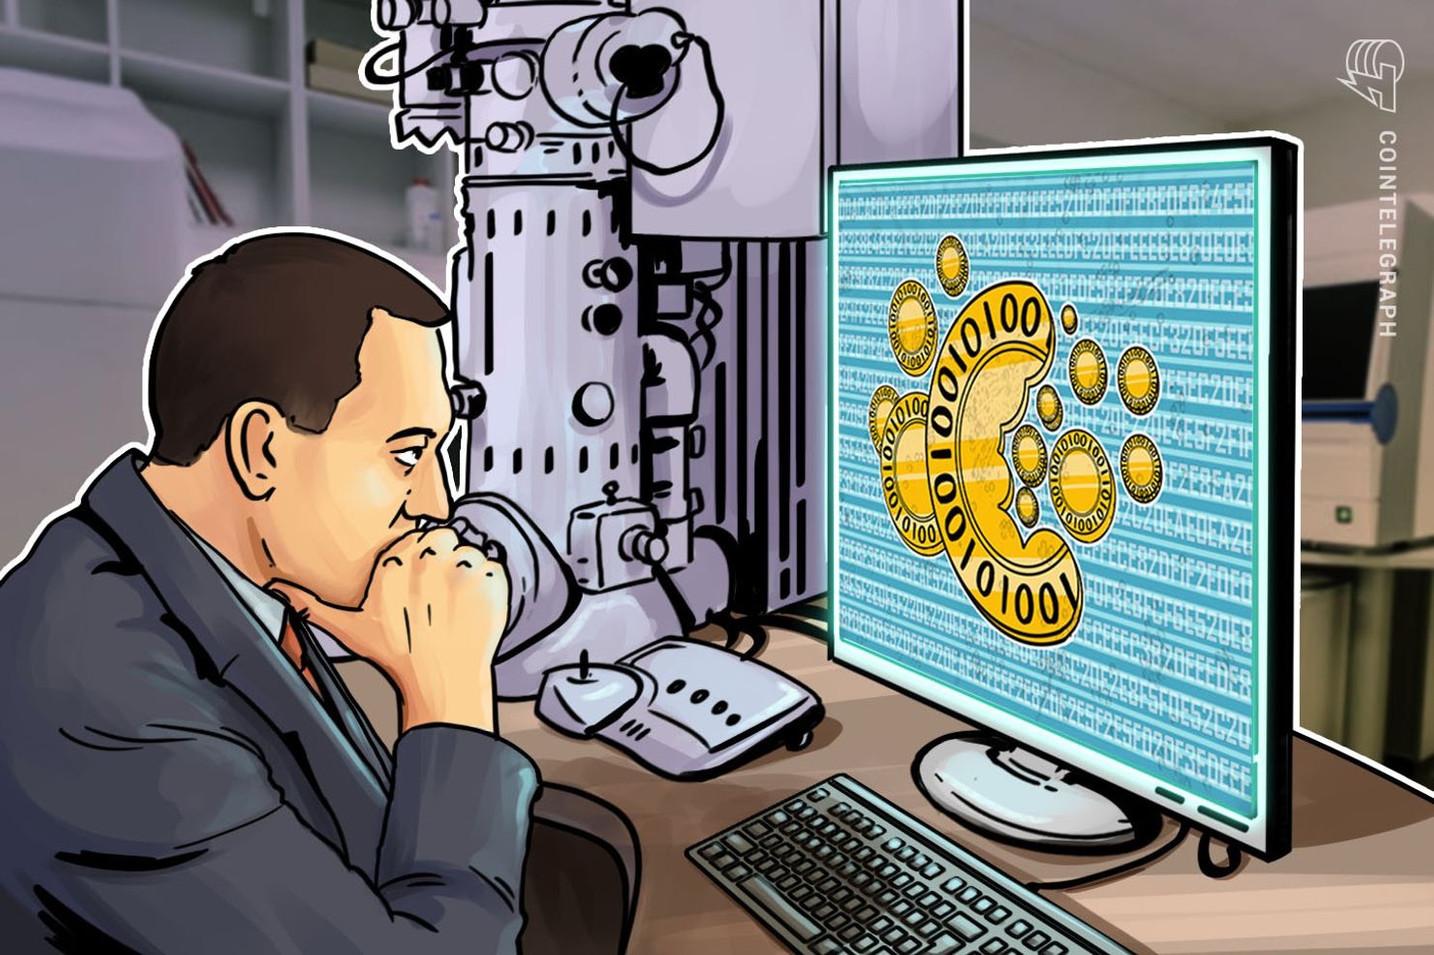 交換業自主規制団体発足が追い風に?仮想通貨ビットコイン相場分析